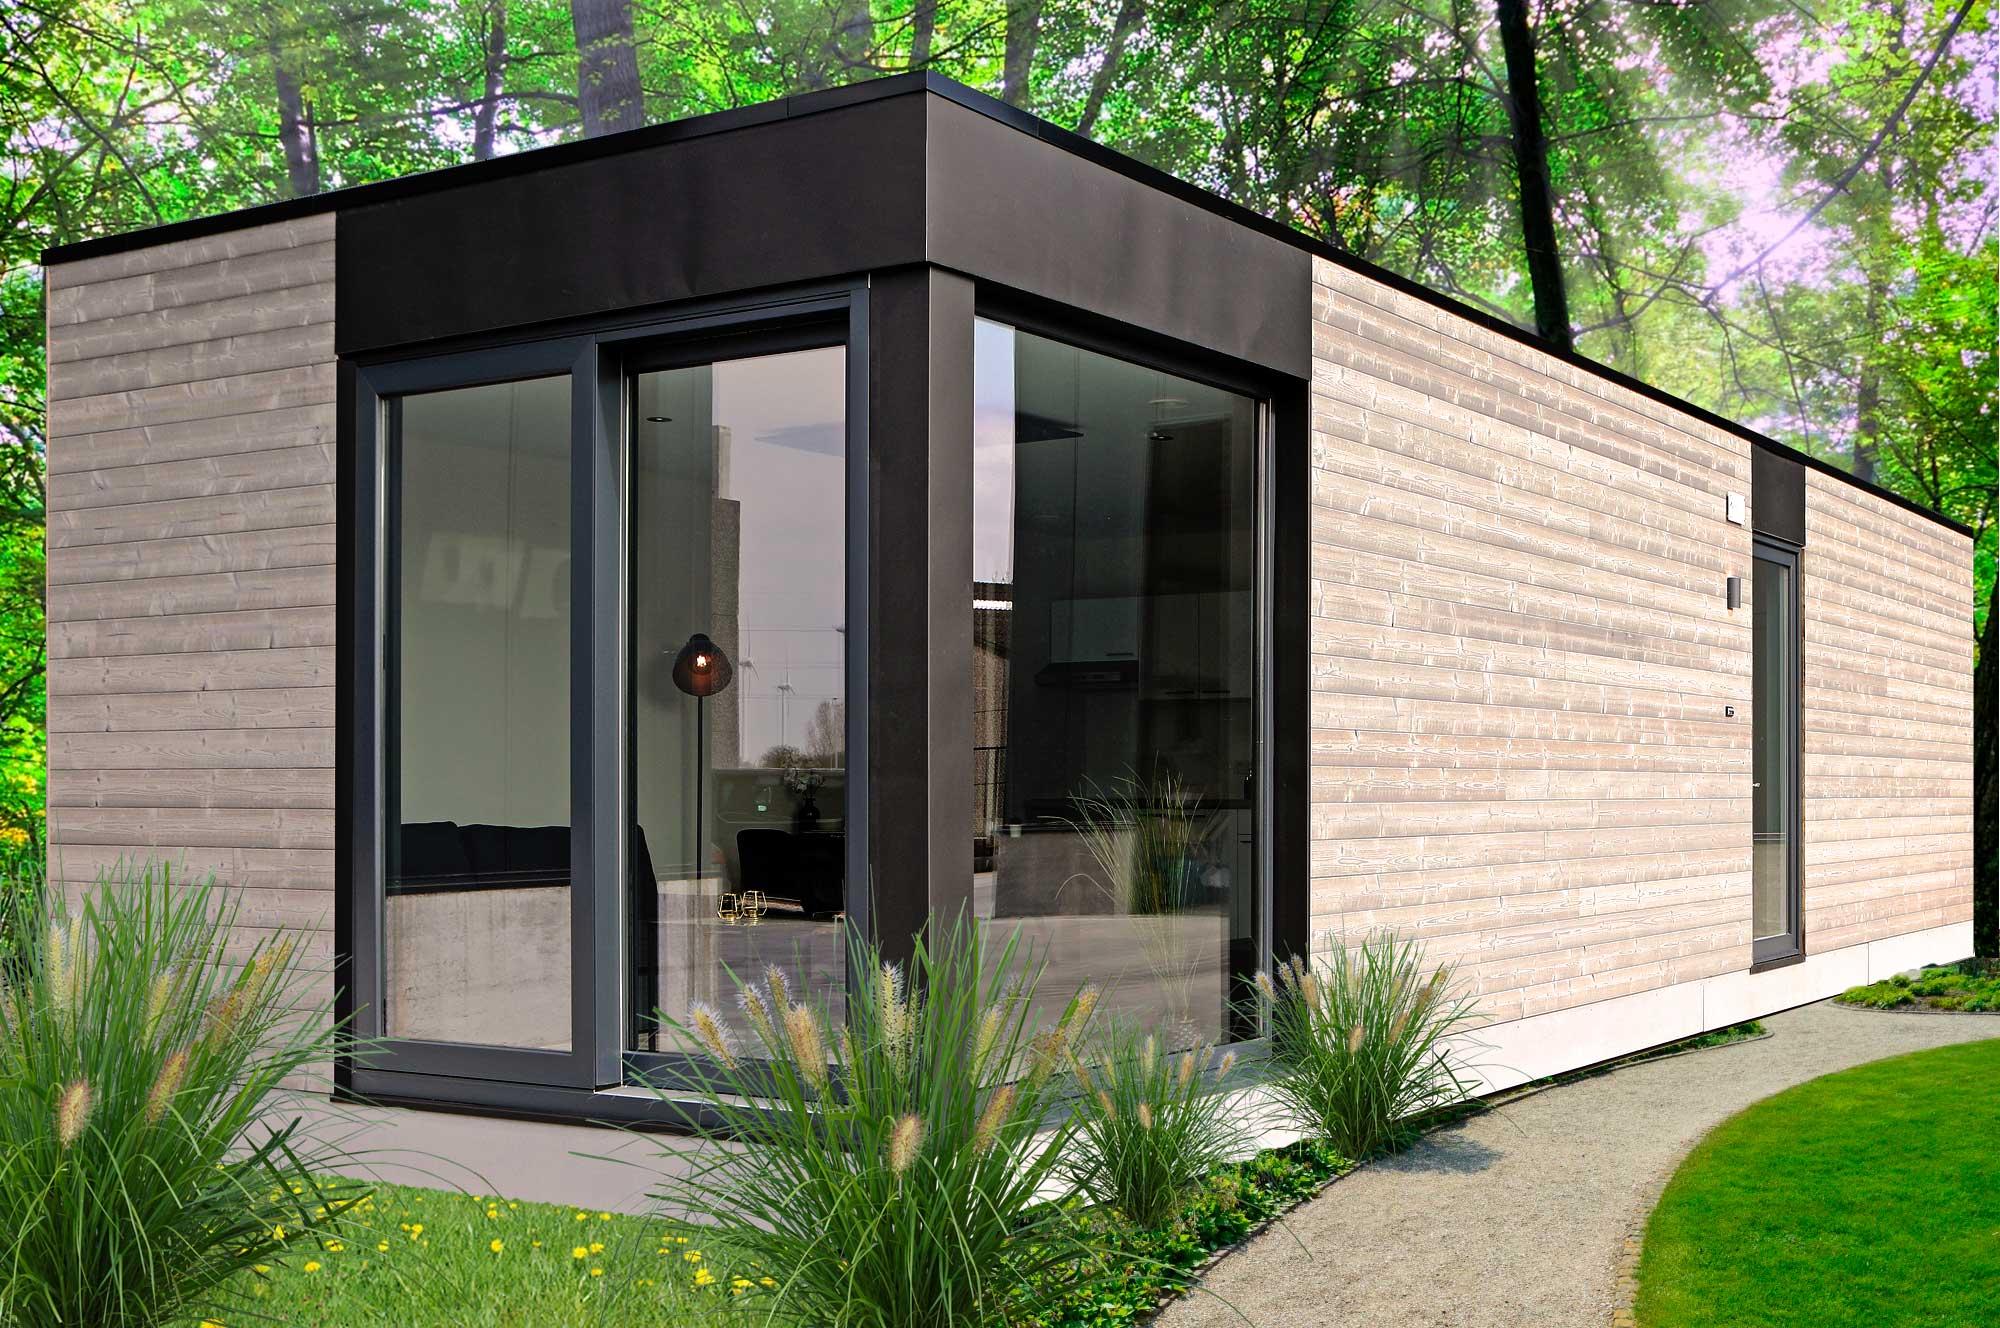 Afbeelding Modulair bouwen in houtskeletbouw